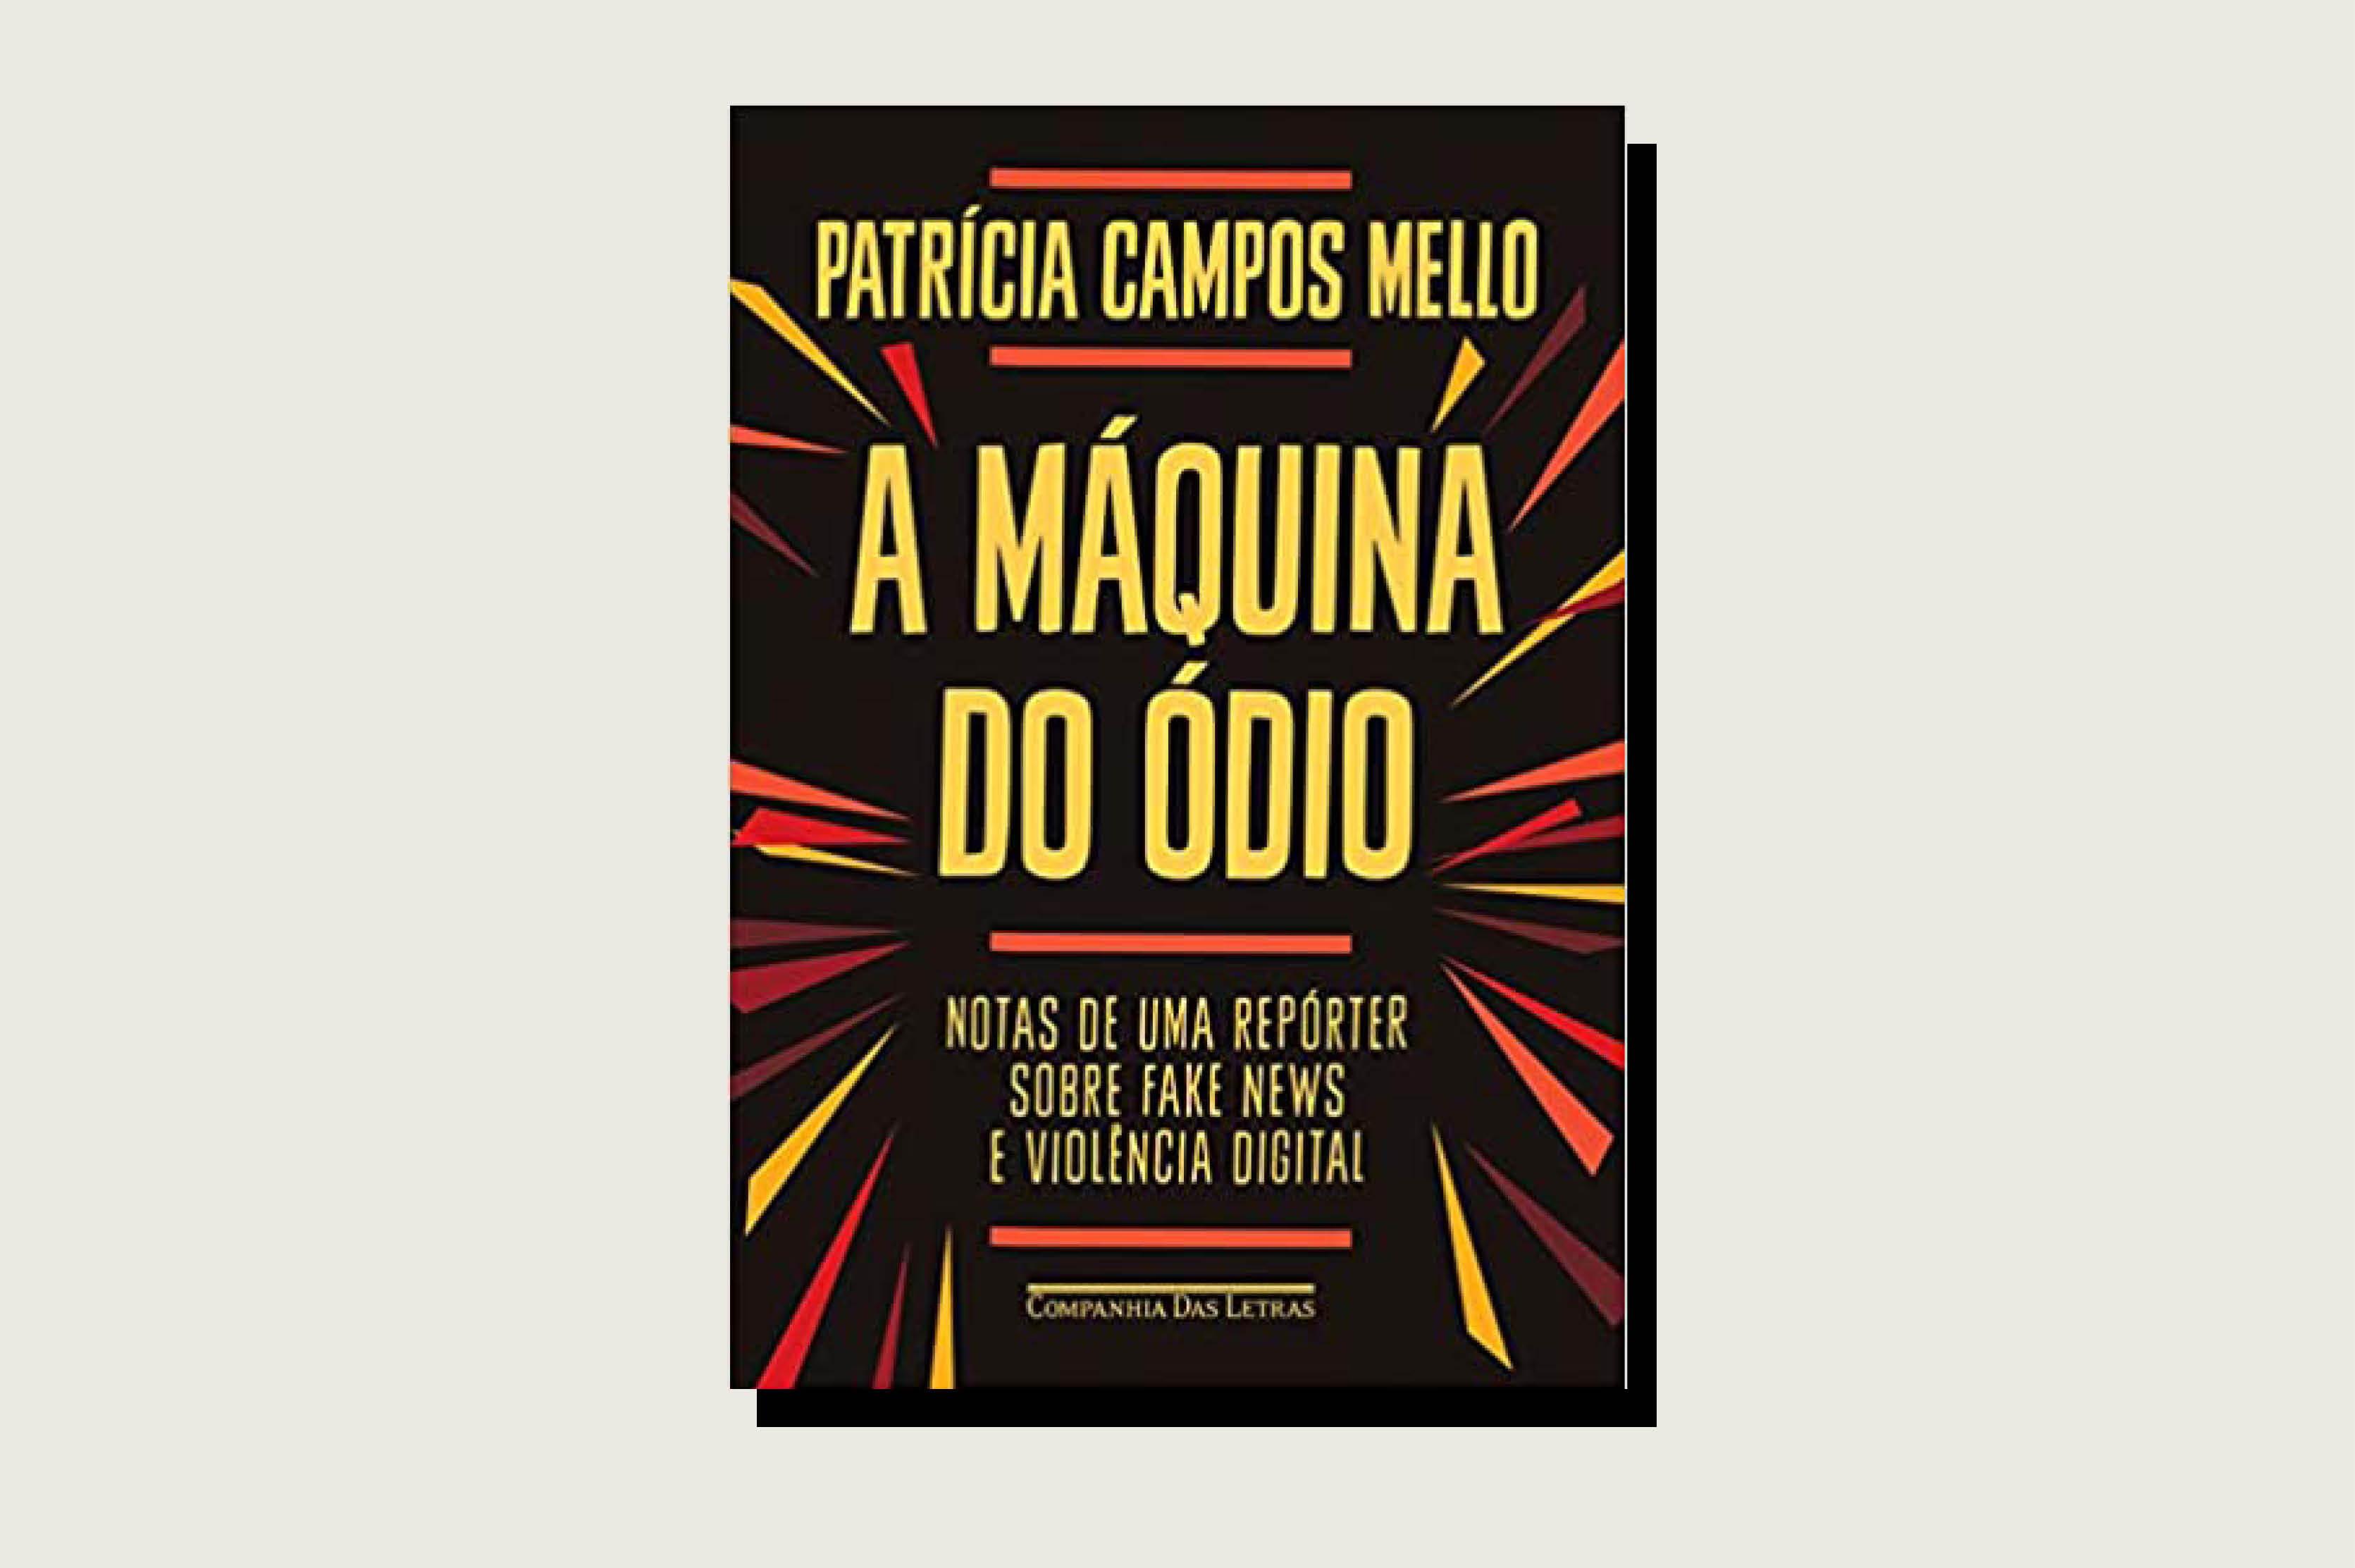 Patrícia Campos Mello, A Máquina do Ódio, Companhia das Letras, 196 pp., July 2020.